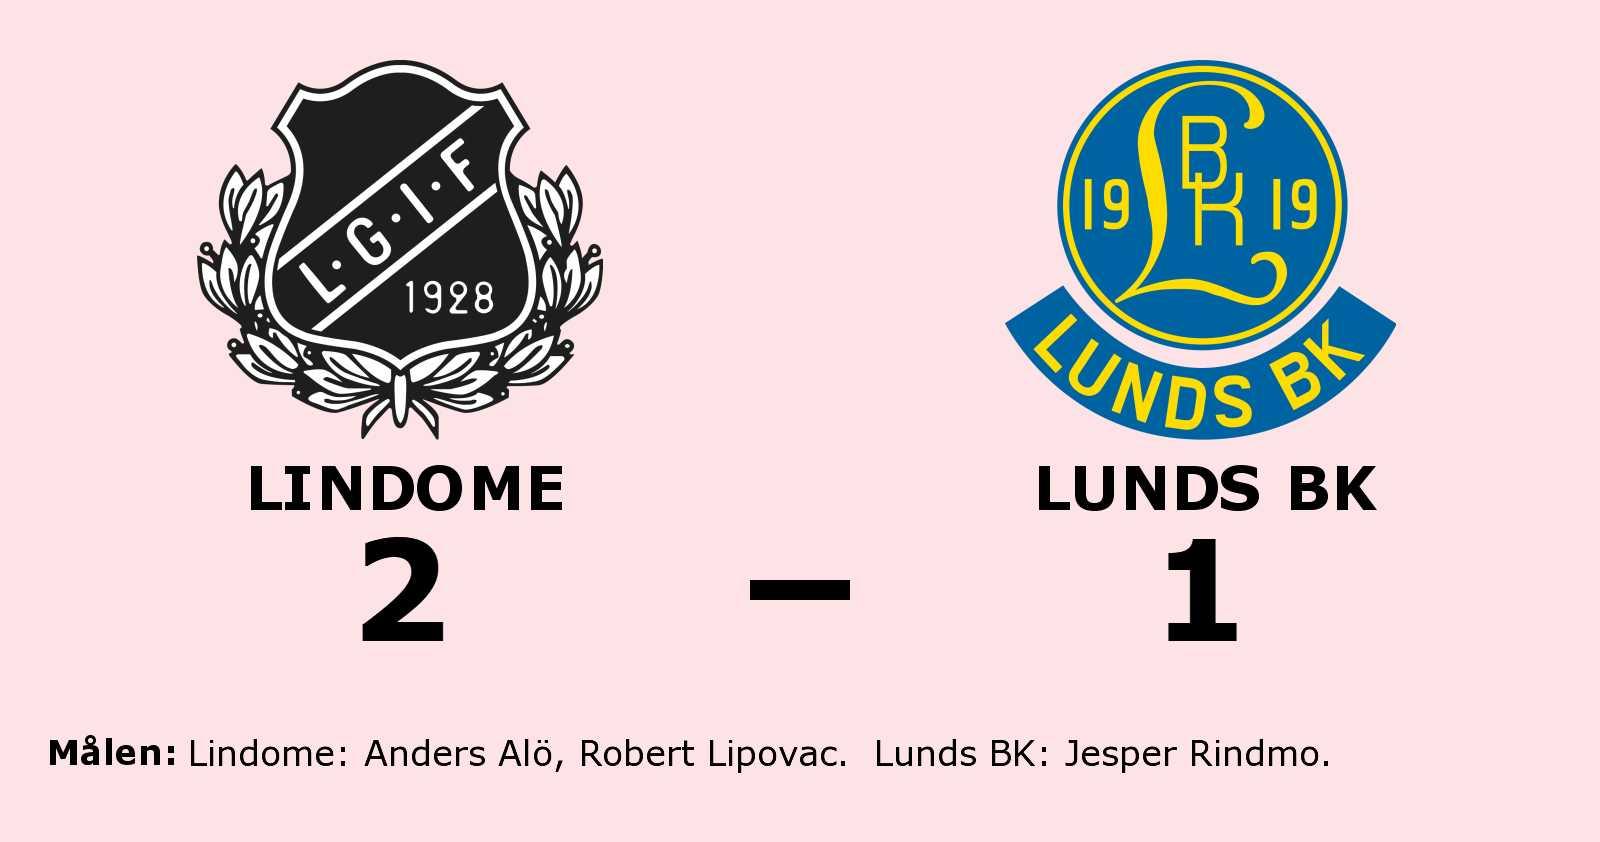 Lindome avgjorde i andra halvlek mot Lunds BK